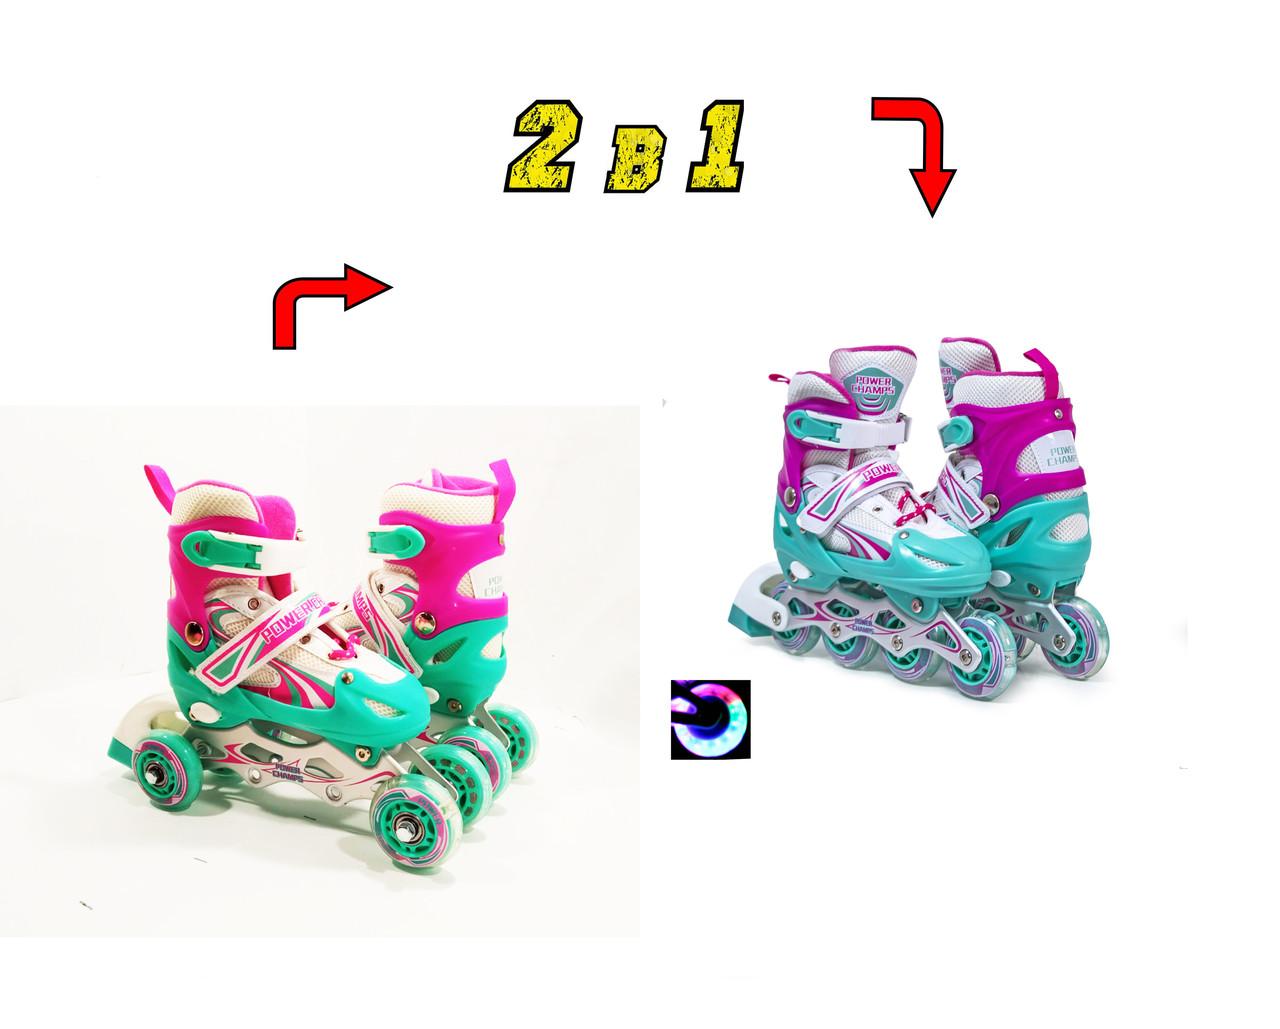 Детские ролики для начинающих квады размер 29-33 и 34-37 LikeStar (2в1) бирюзовый цвет